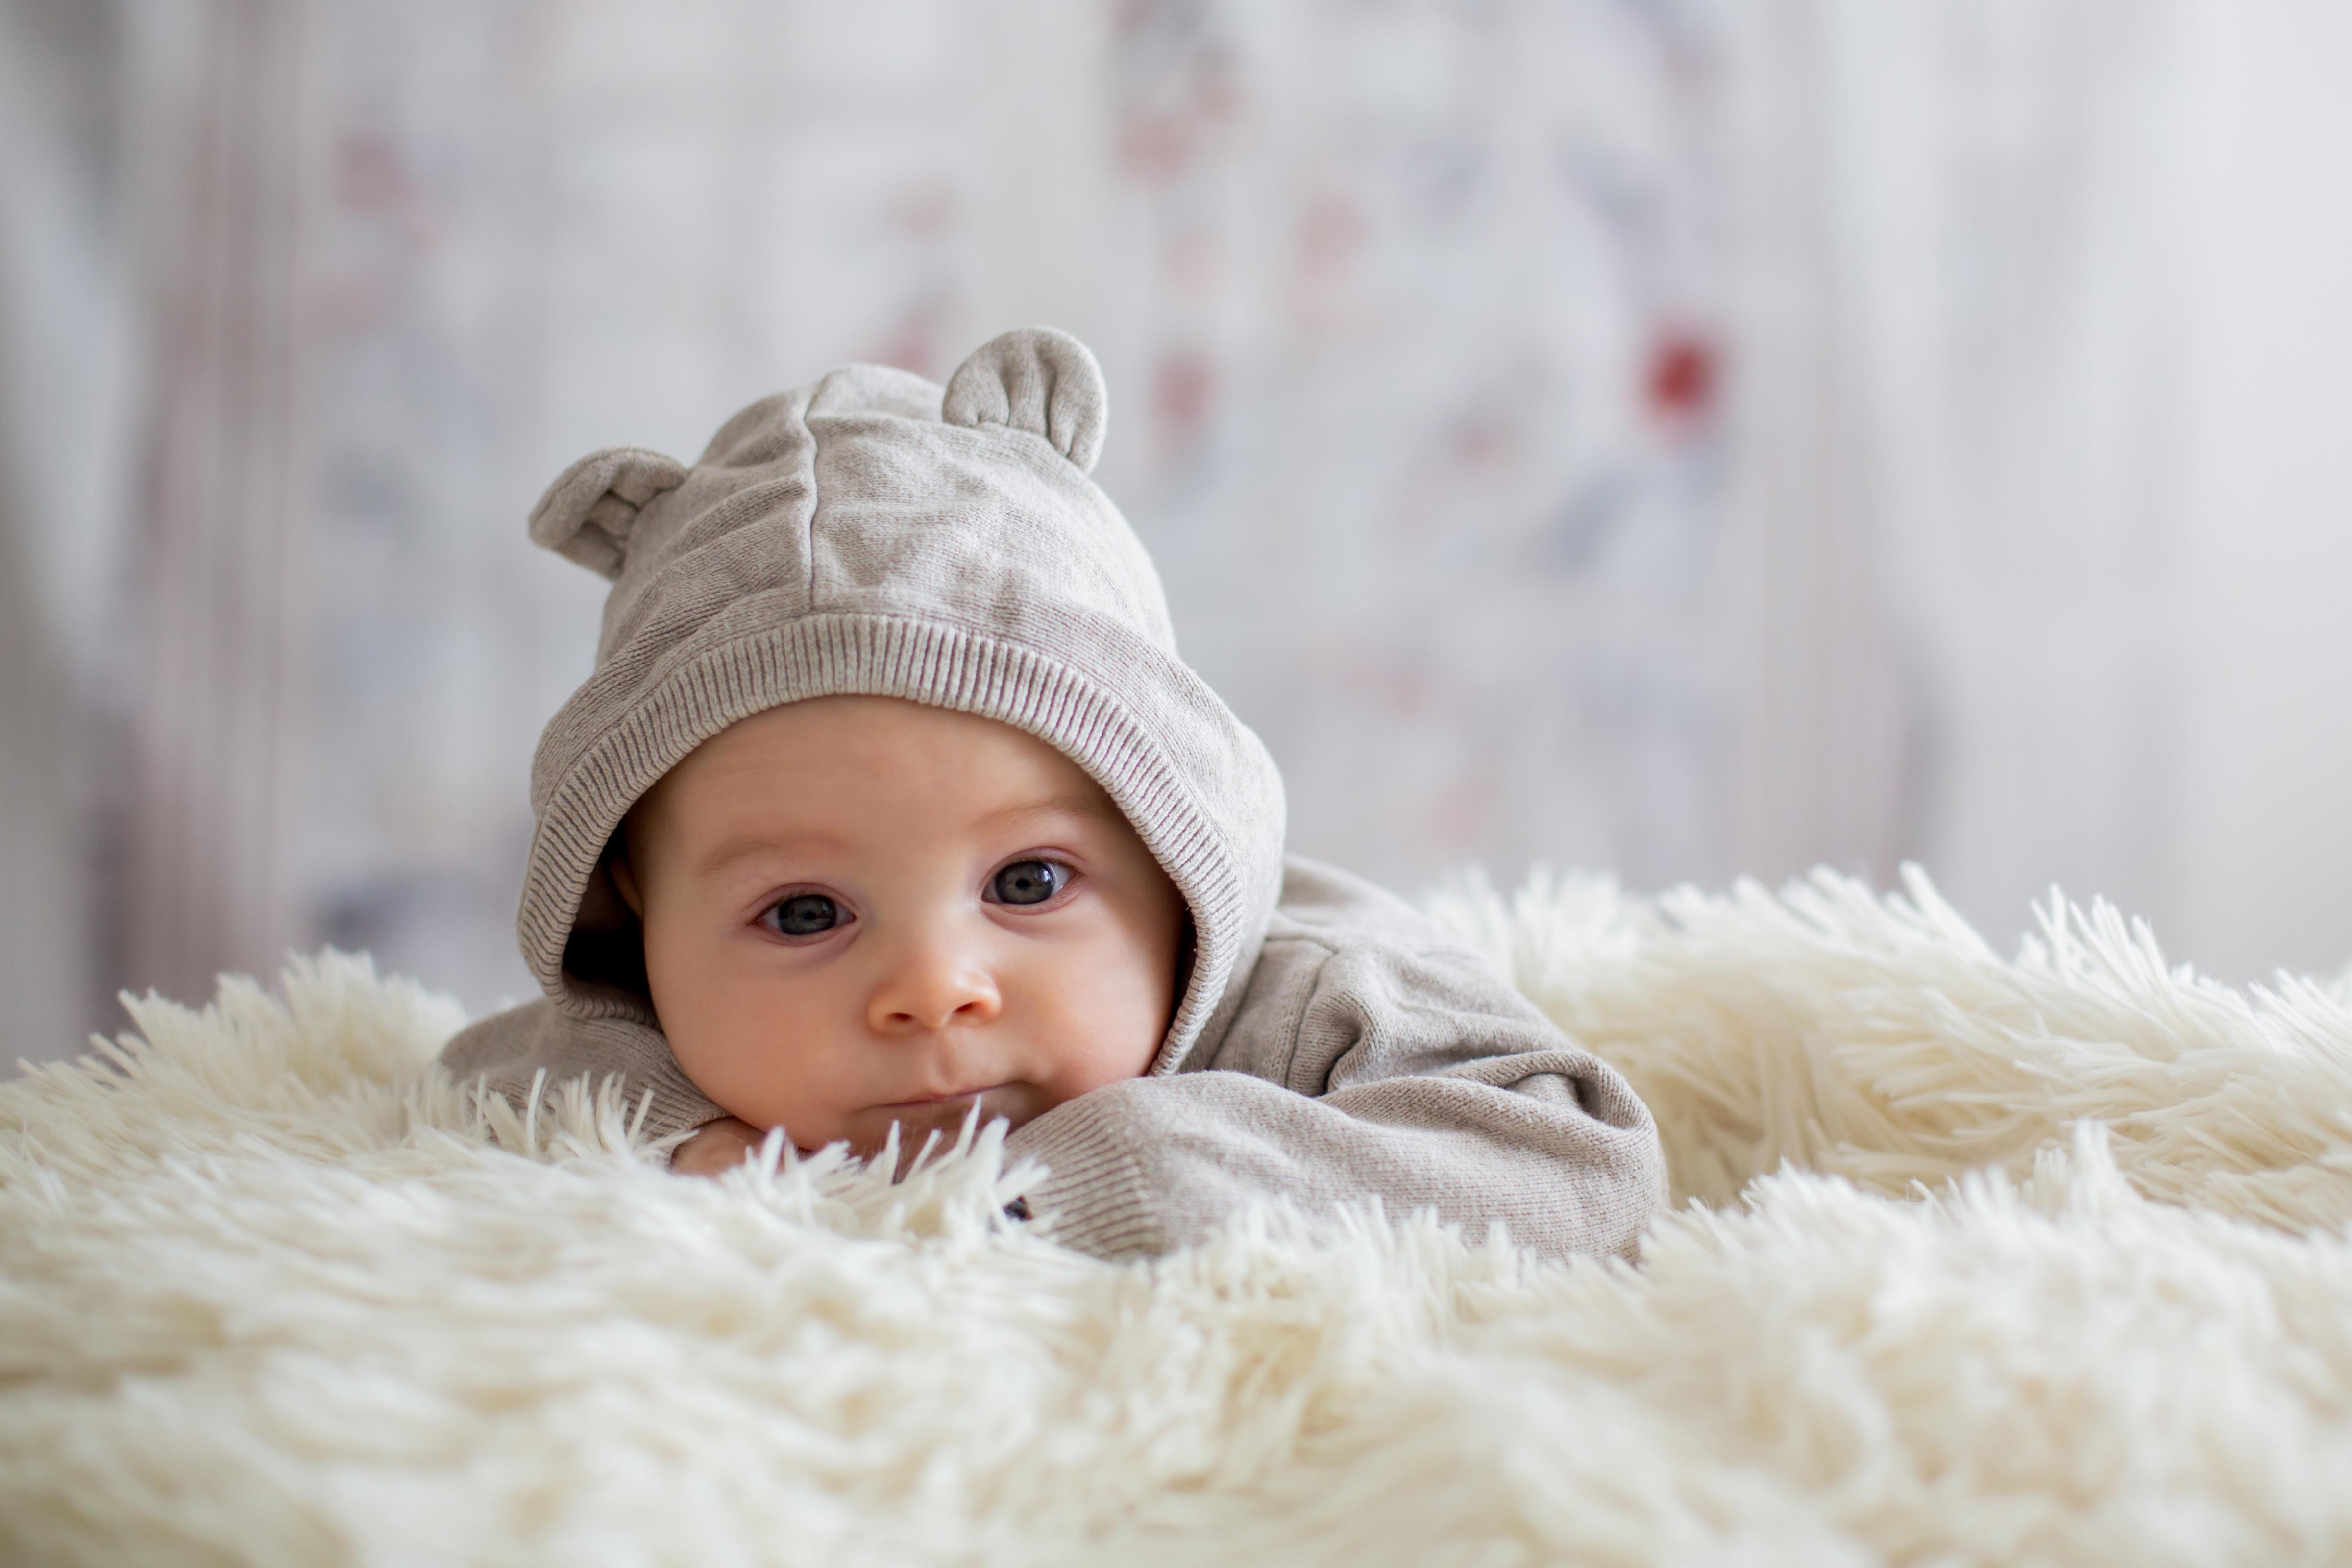 Красивые картинки маленьких детей и младенцев